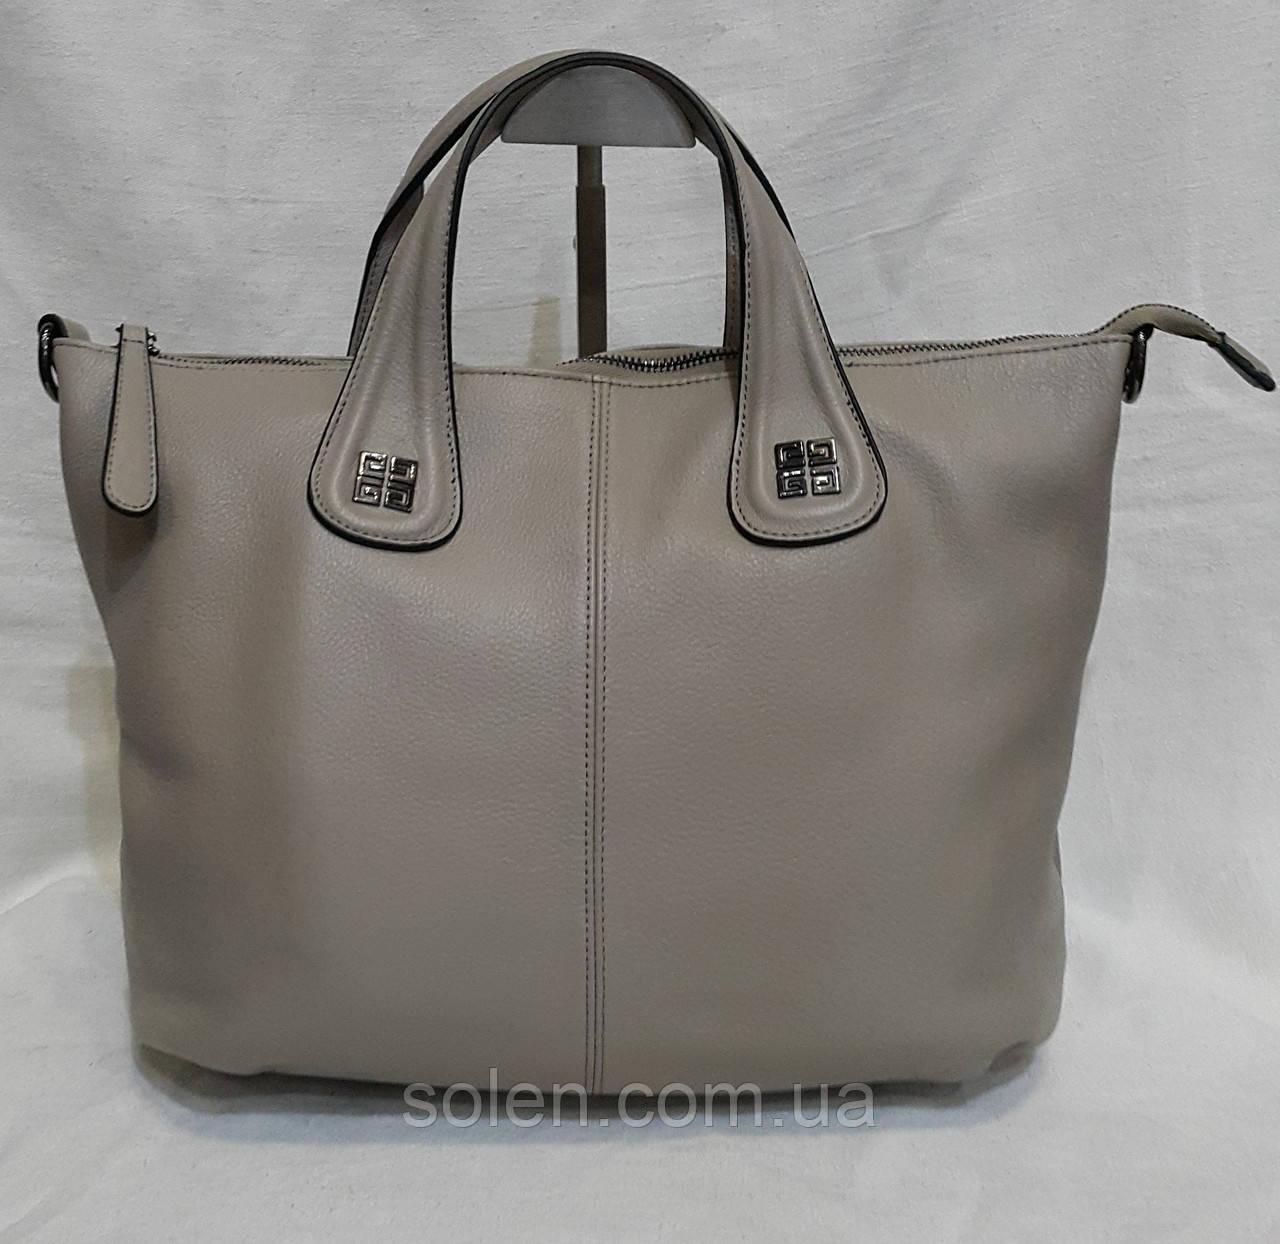 Стильная кожаная сумка . Женская сумка из натуральной кожи. Светлая сумка. летняя сумка. Бежевая сумка.